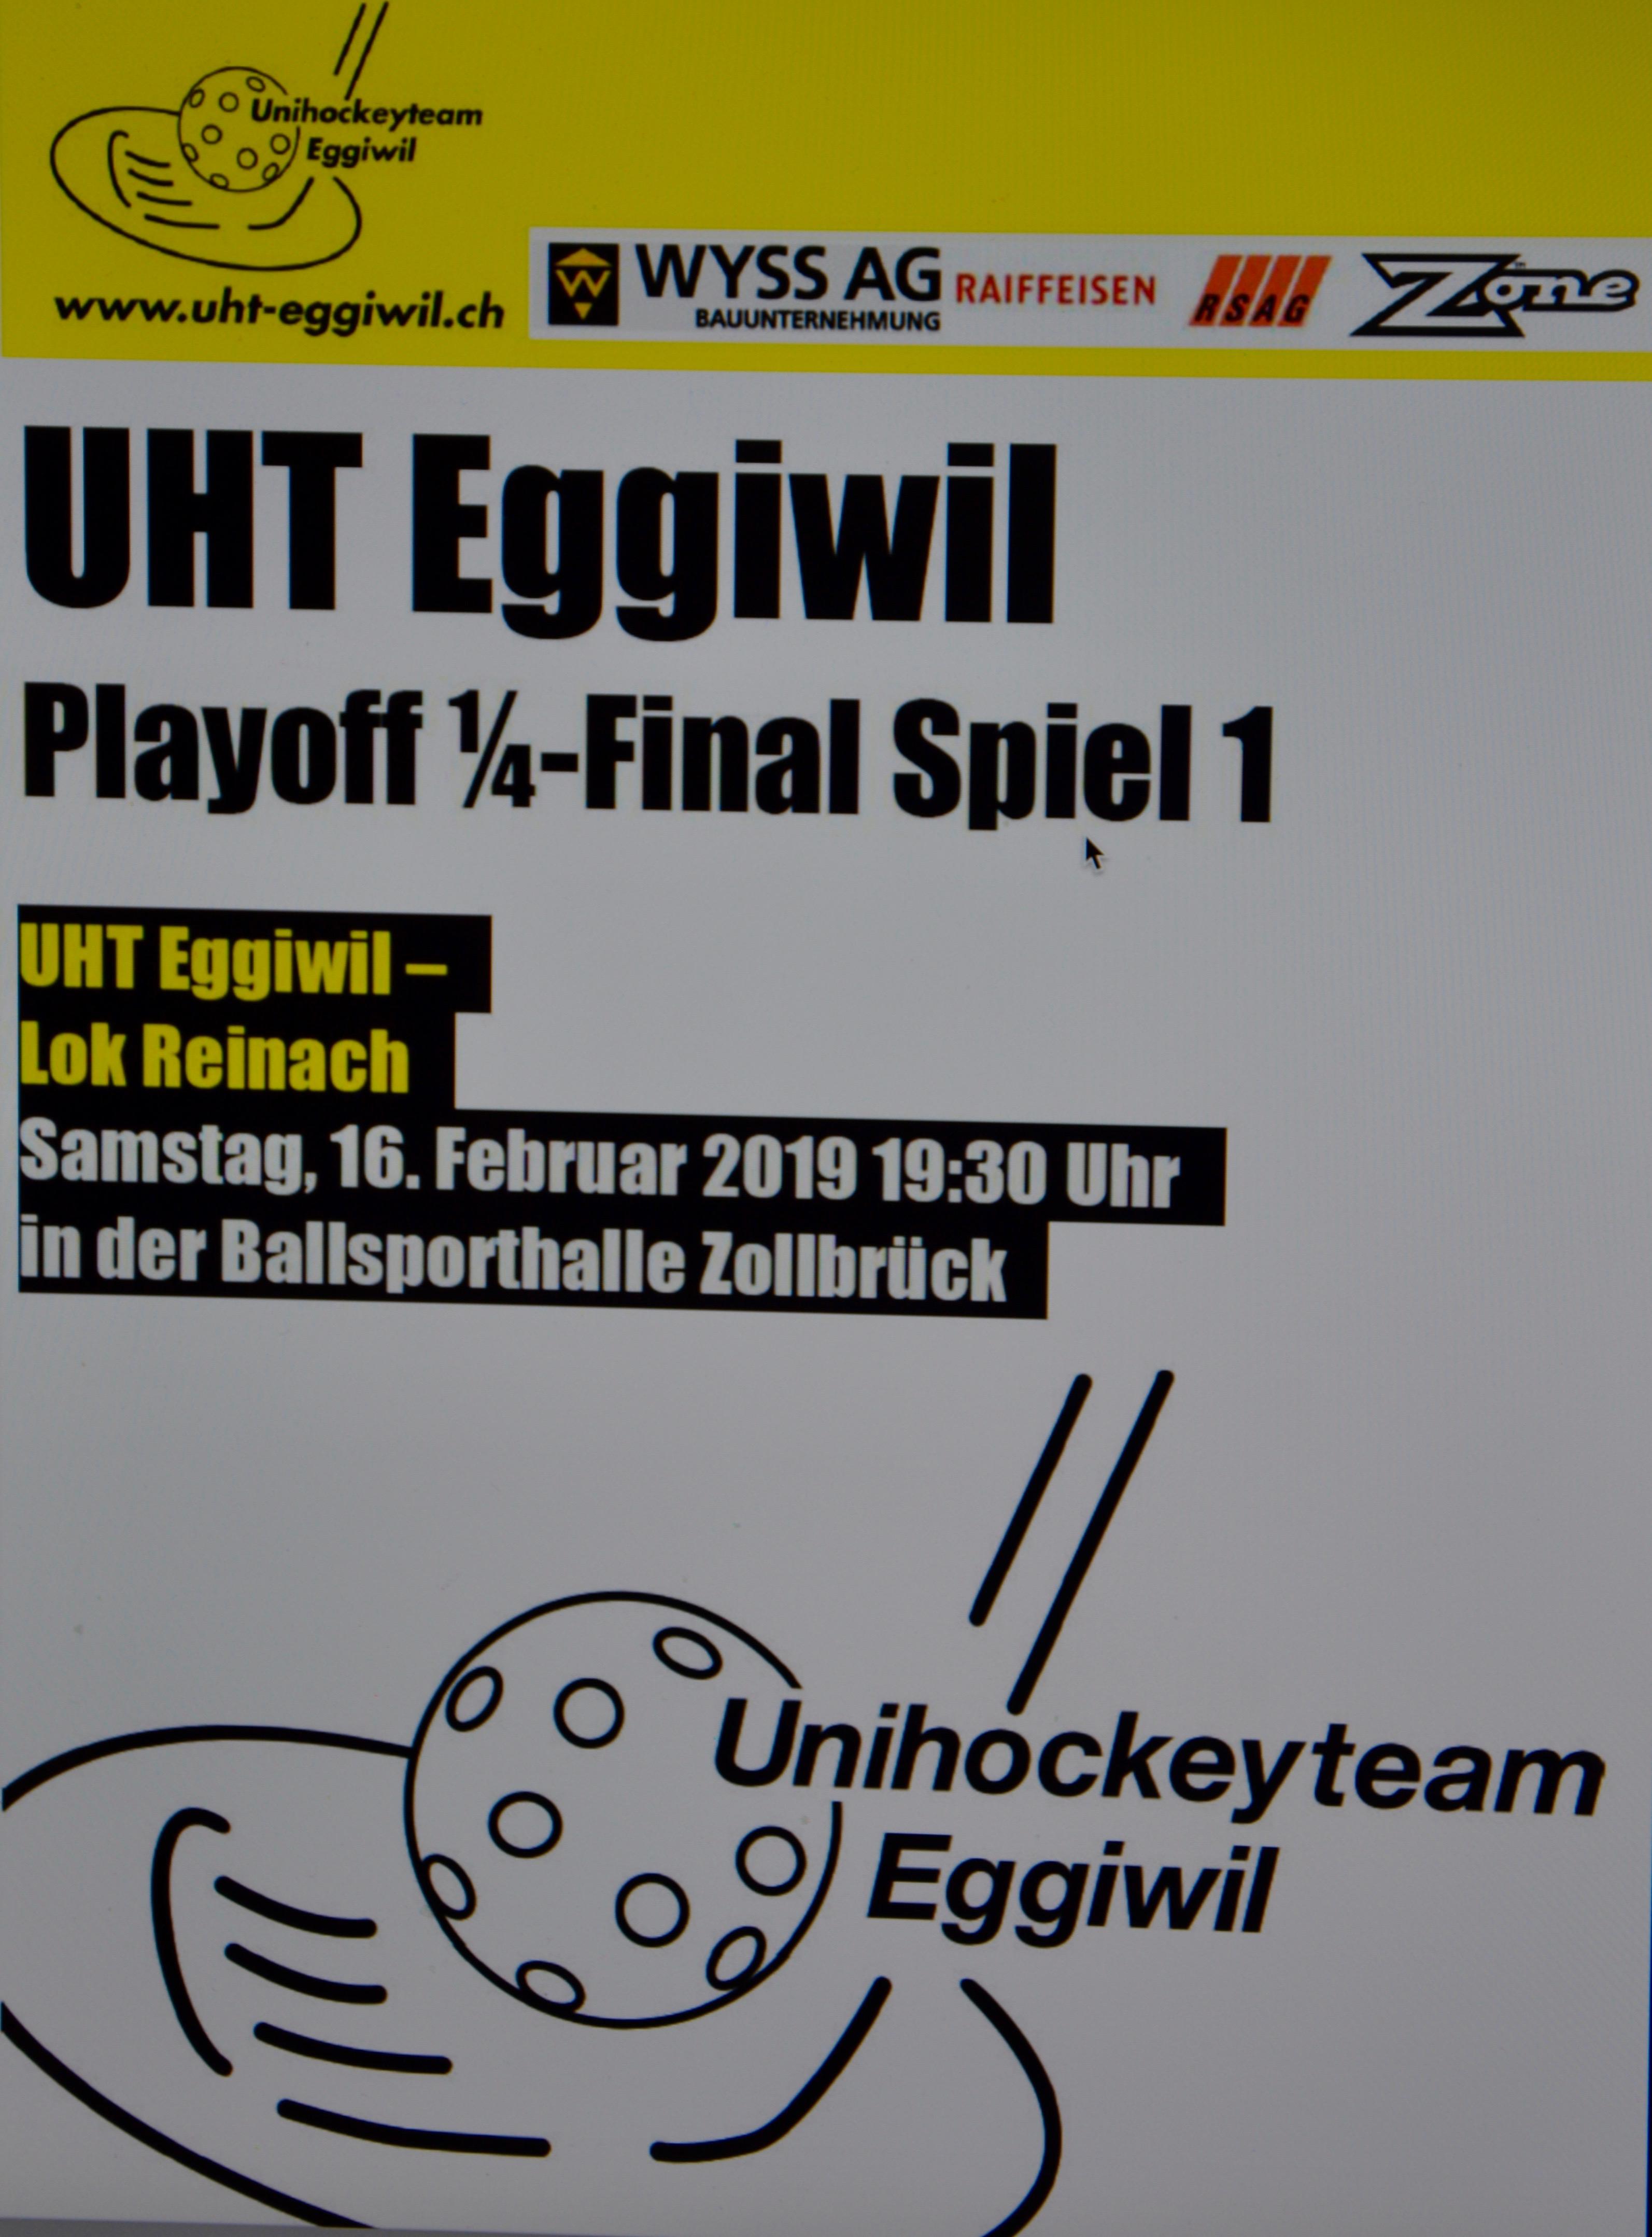 Herren l - Lok Reinach, Saison 2018/19 Payoff 1/4-Final Spiel 1